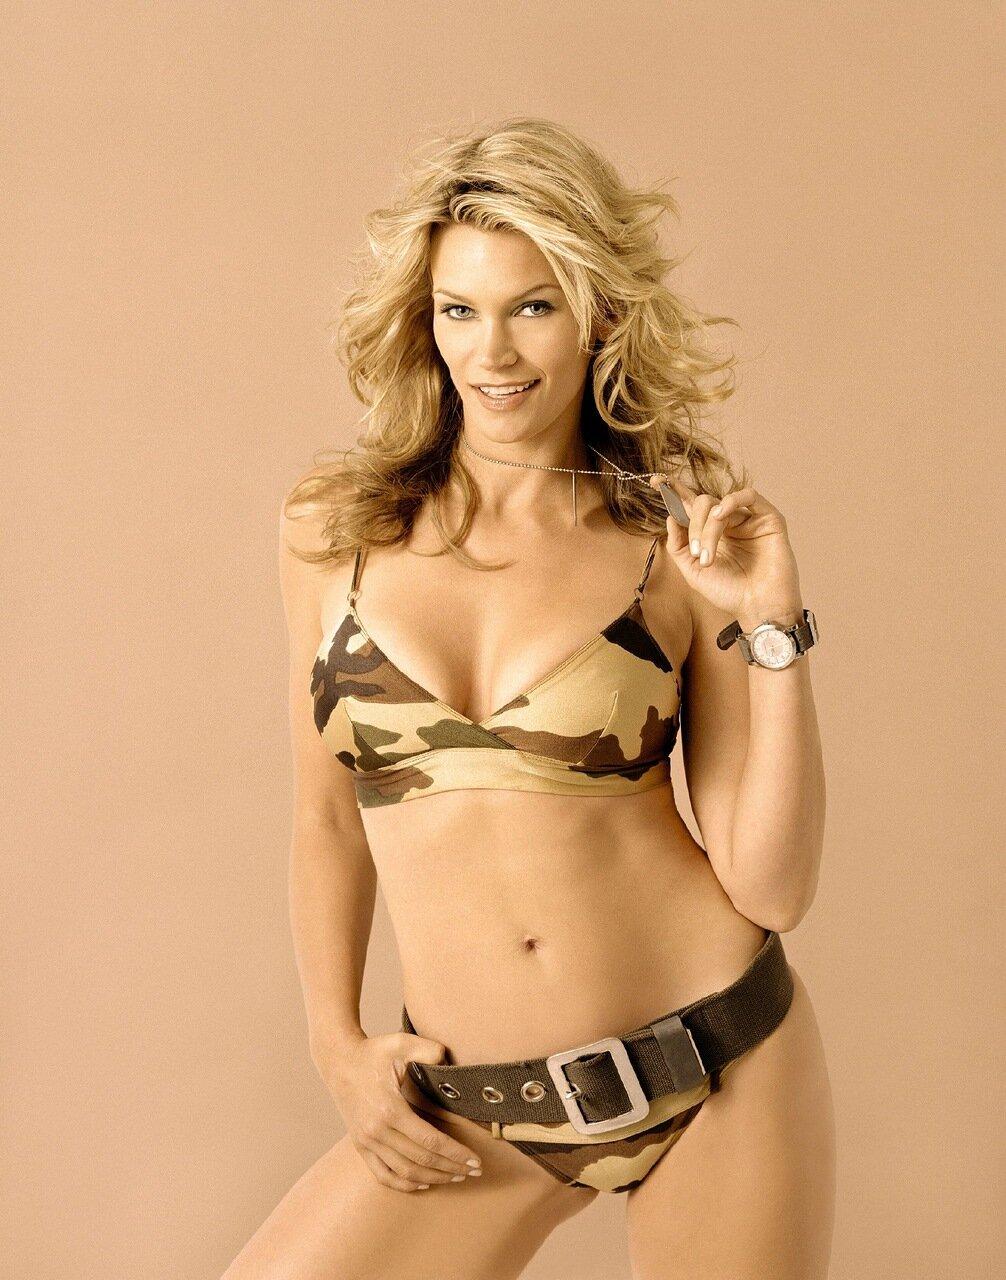 Natasha henstridge underwear, load warrior porn movie